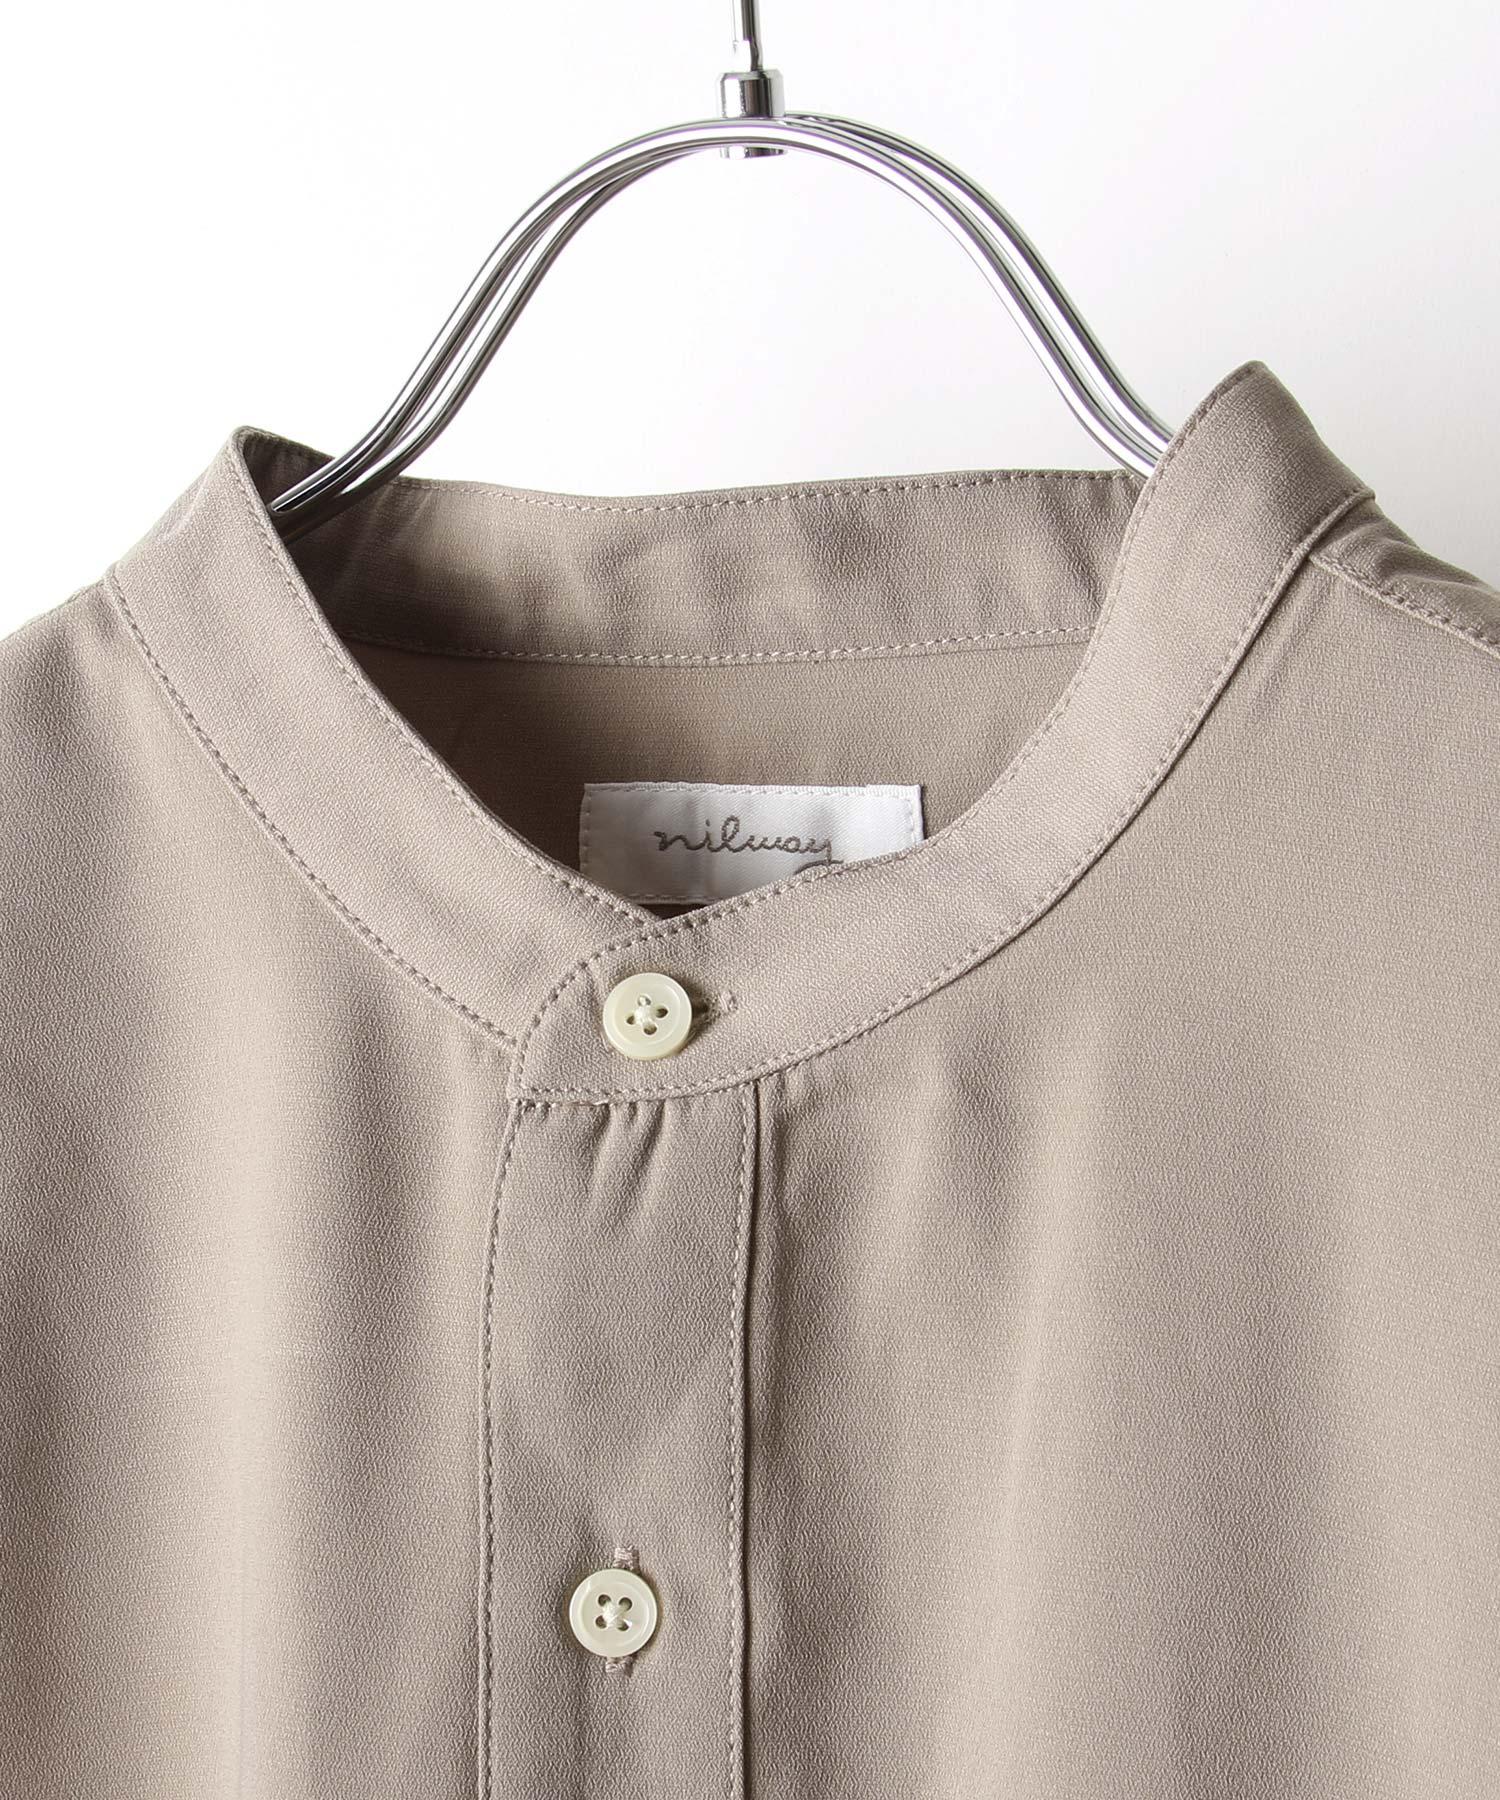 【Nilway】長袖立領襯衫 4